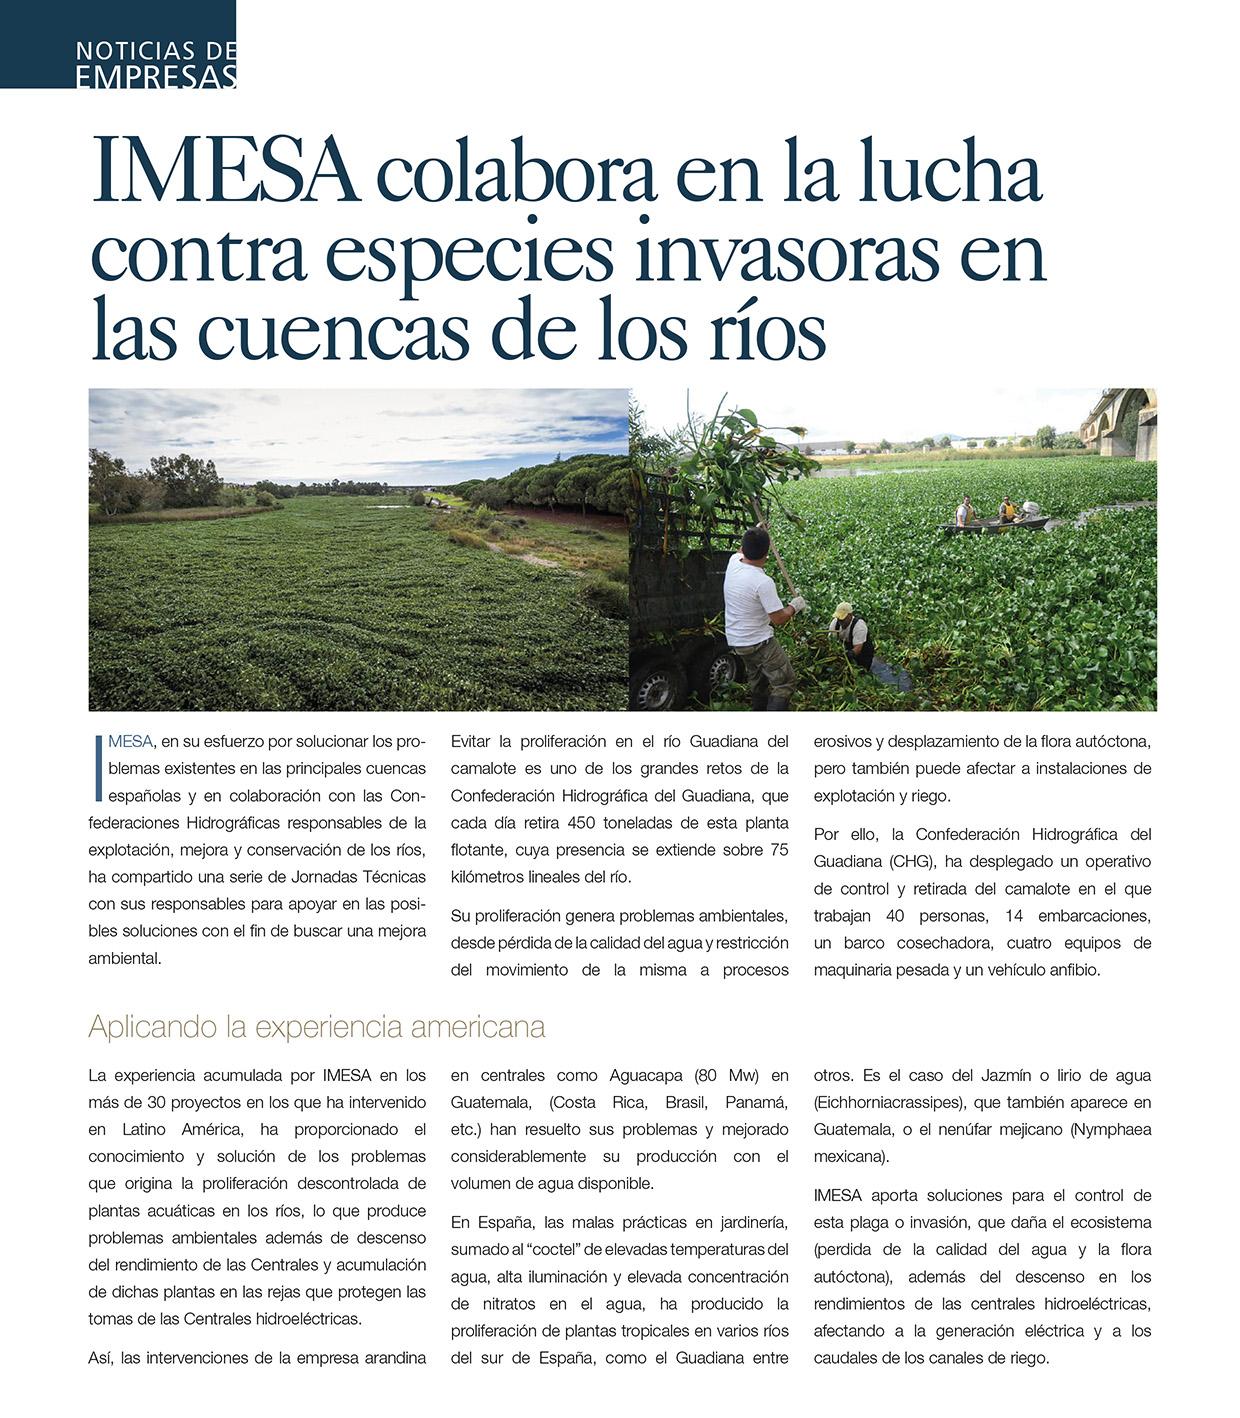 Imesa colabora en la lucha contra especies invasoras en las cuencas de los ríos